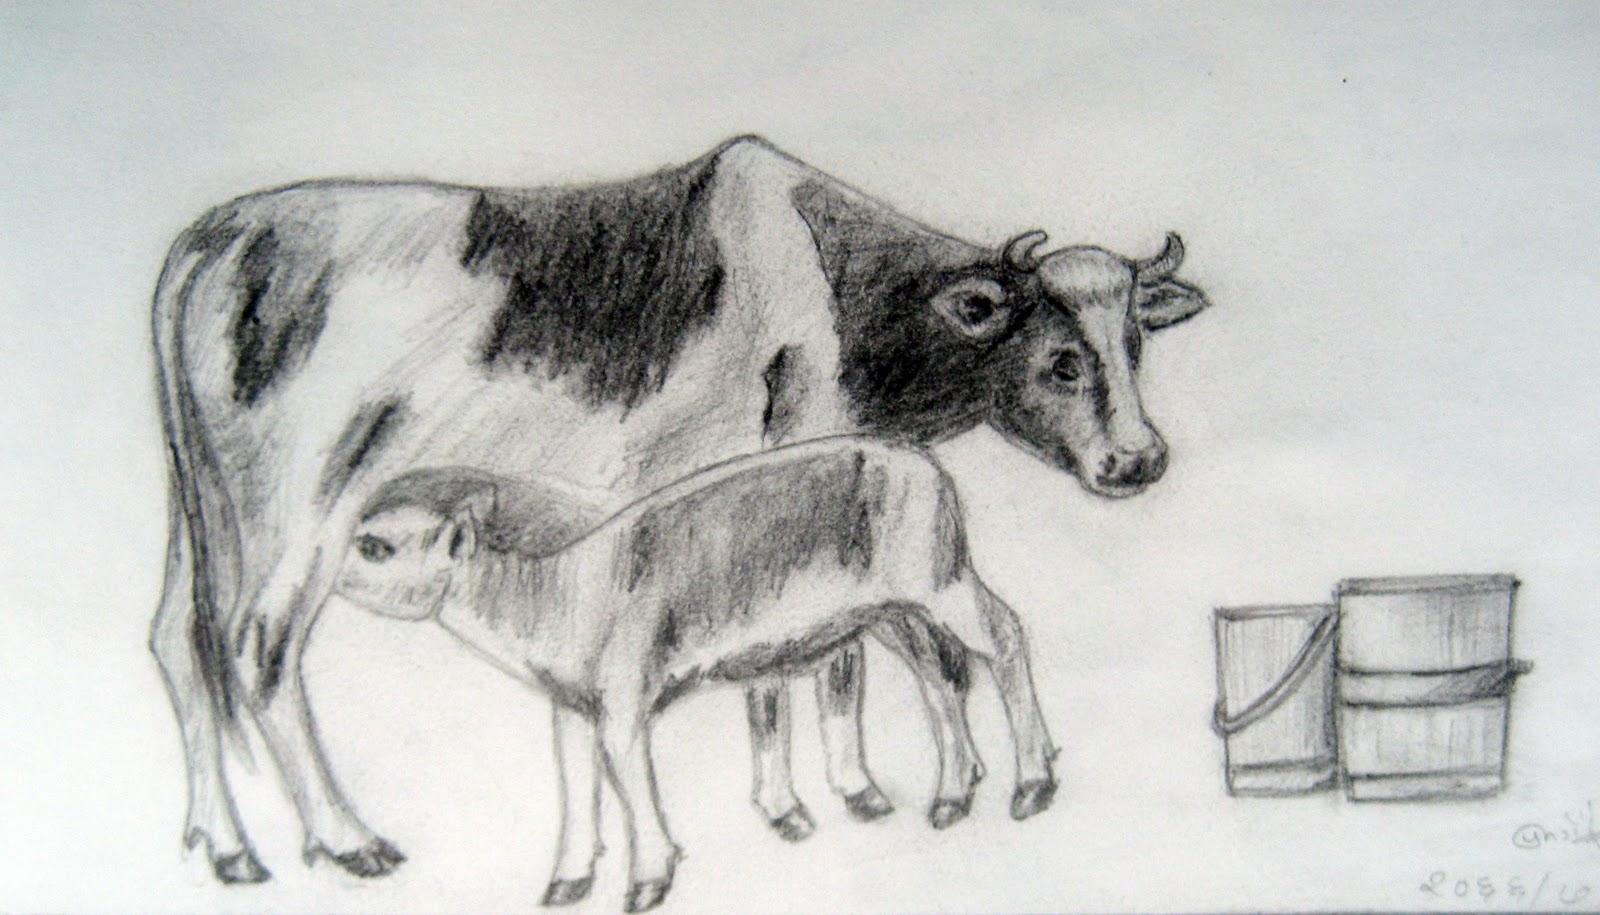 www.artbyprem.com